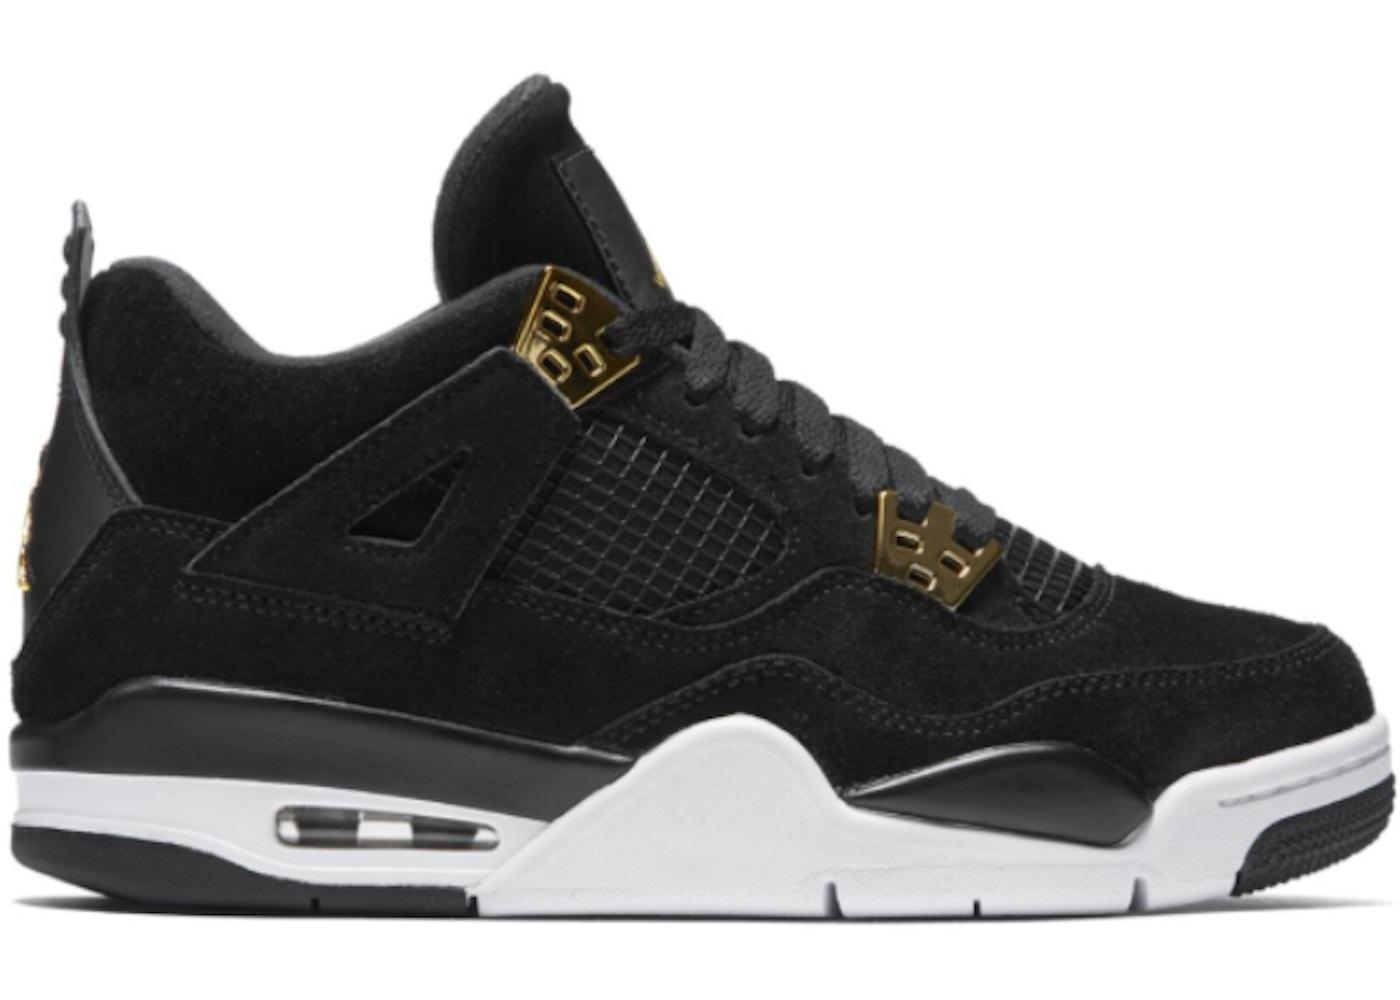 3dffd45c8 Air Jordan 4 Shoes - Total Sold